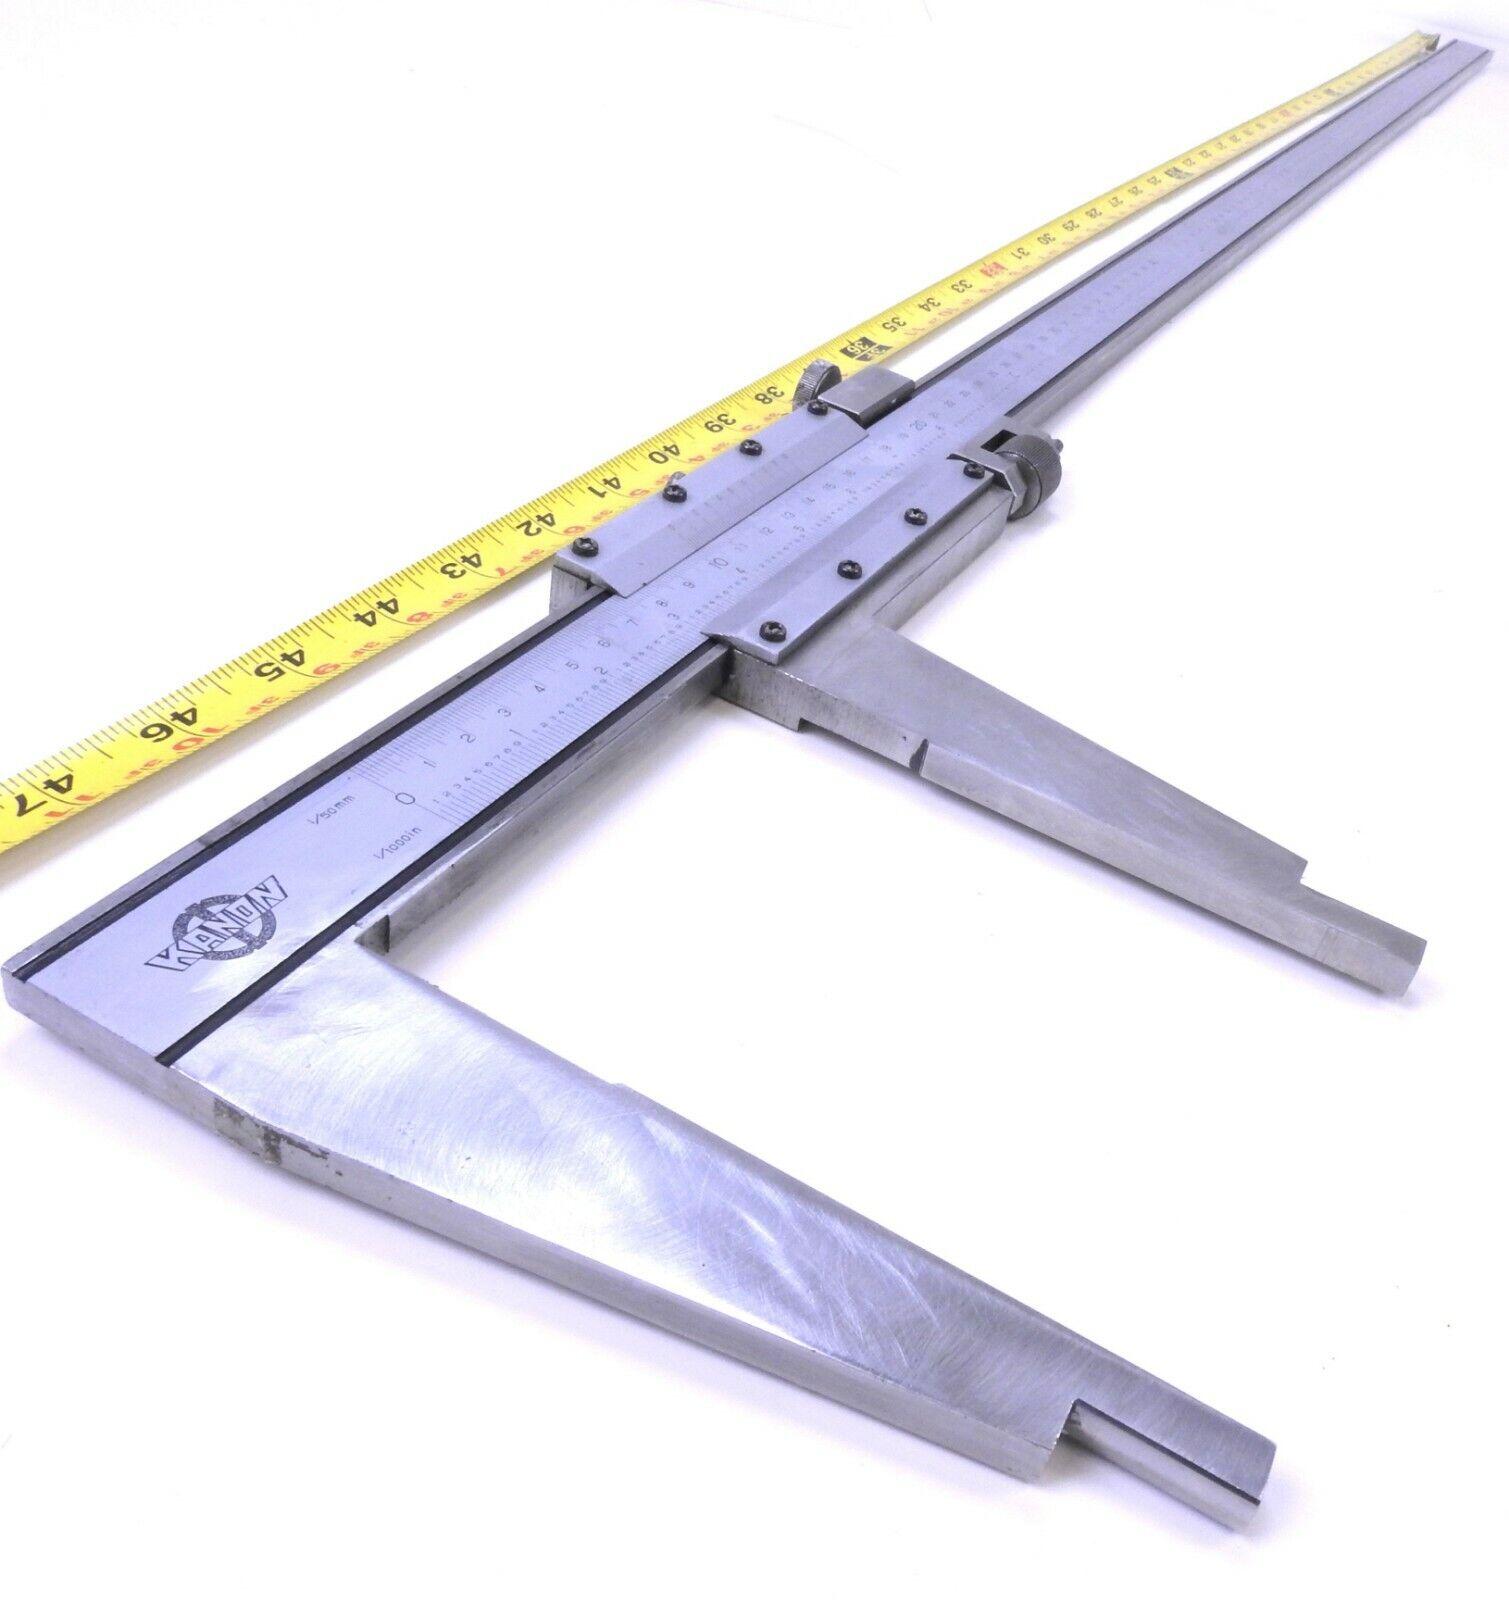 Kanon Master Vernier Hardened Steel Caliper